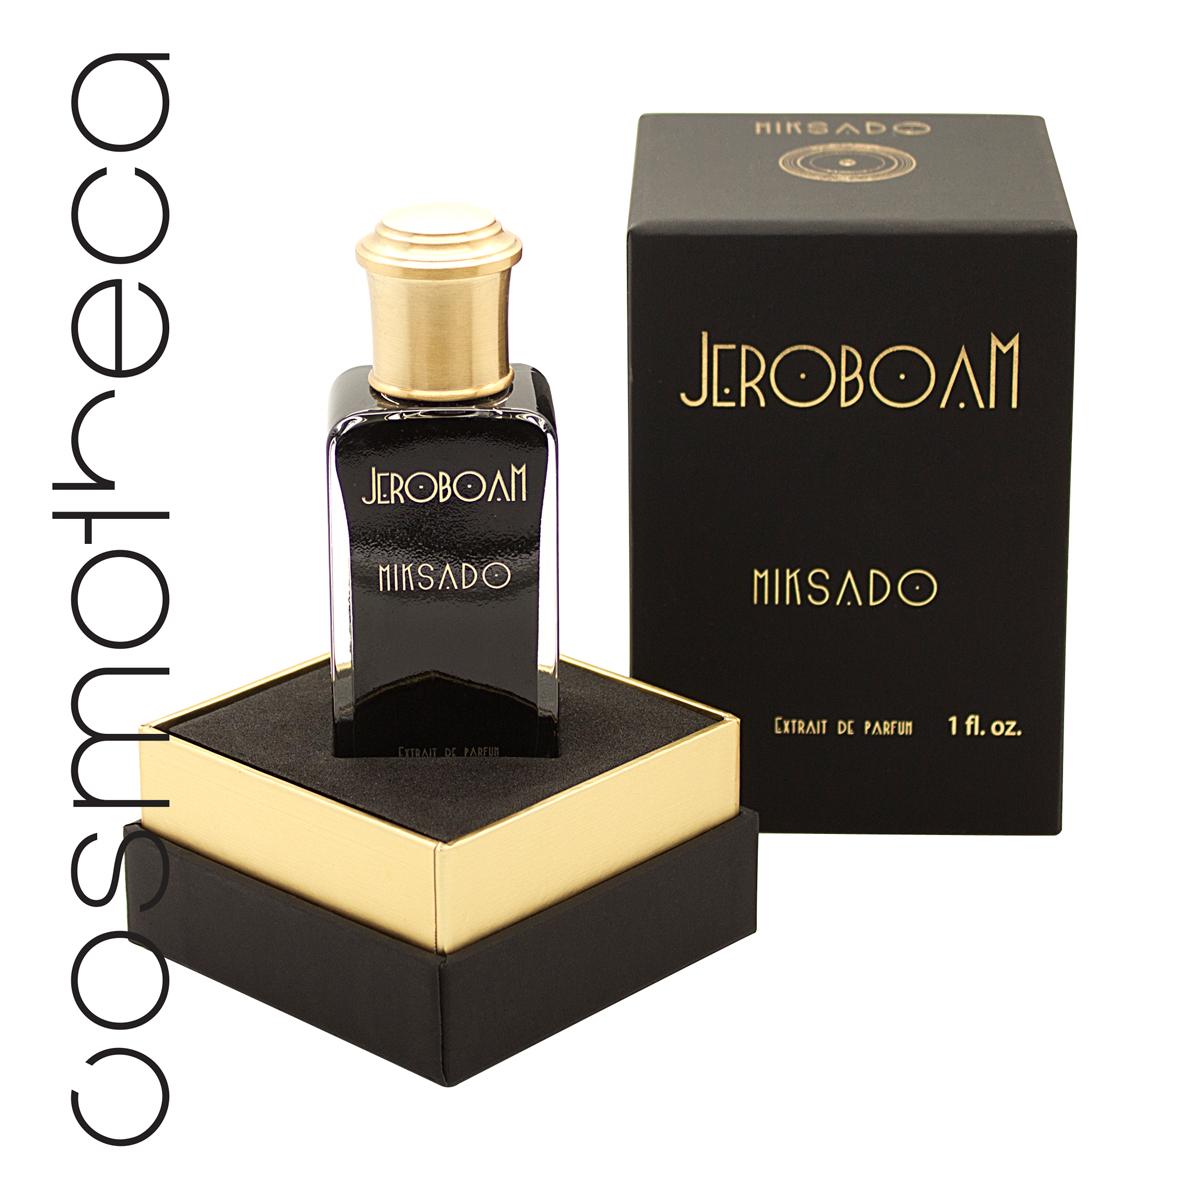 Jeroboam Парфюмерная эссенция MIKSADO, 30 мл28032022Этот аромат вызывает устойчивое привыкание благодаря смеси фруктовых нот со специями, погруженными в бешеный коктейль ценных древесин и мускусов. ВЕРХ: бергамот, лабданум, шафран СЕРДЦЕ: кедр, герань, гваякБАЗА: пачули, ваниль, смесь мускусов